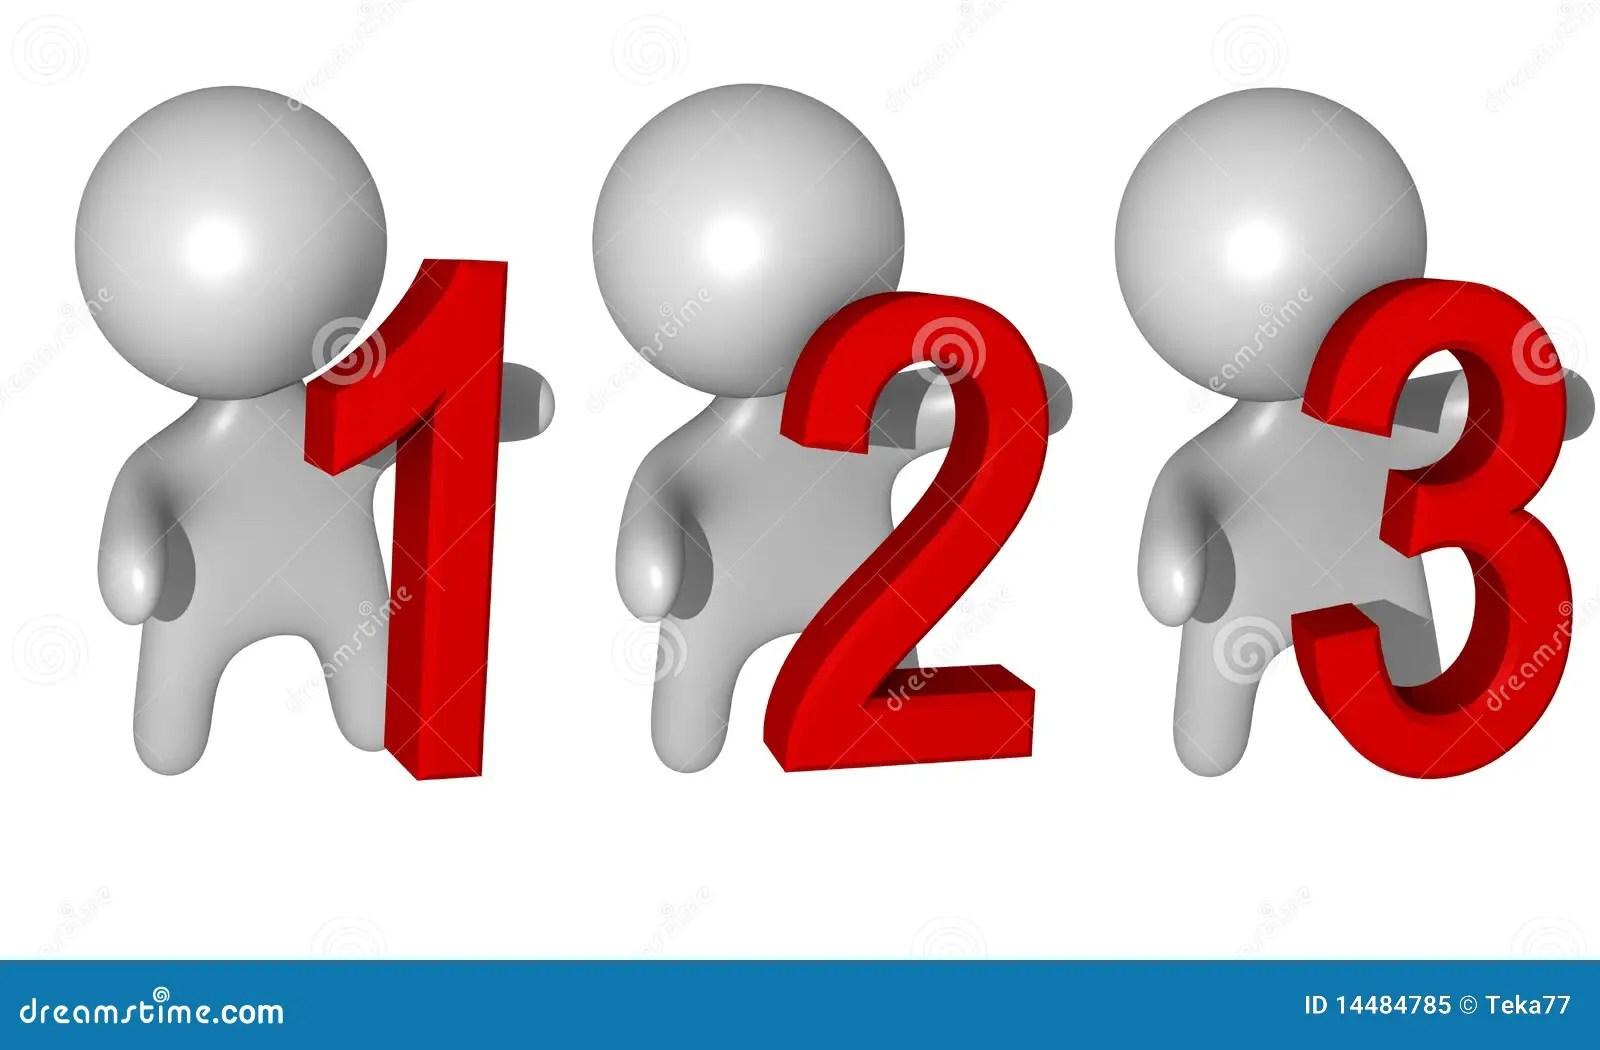 1 2 3 guys